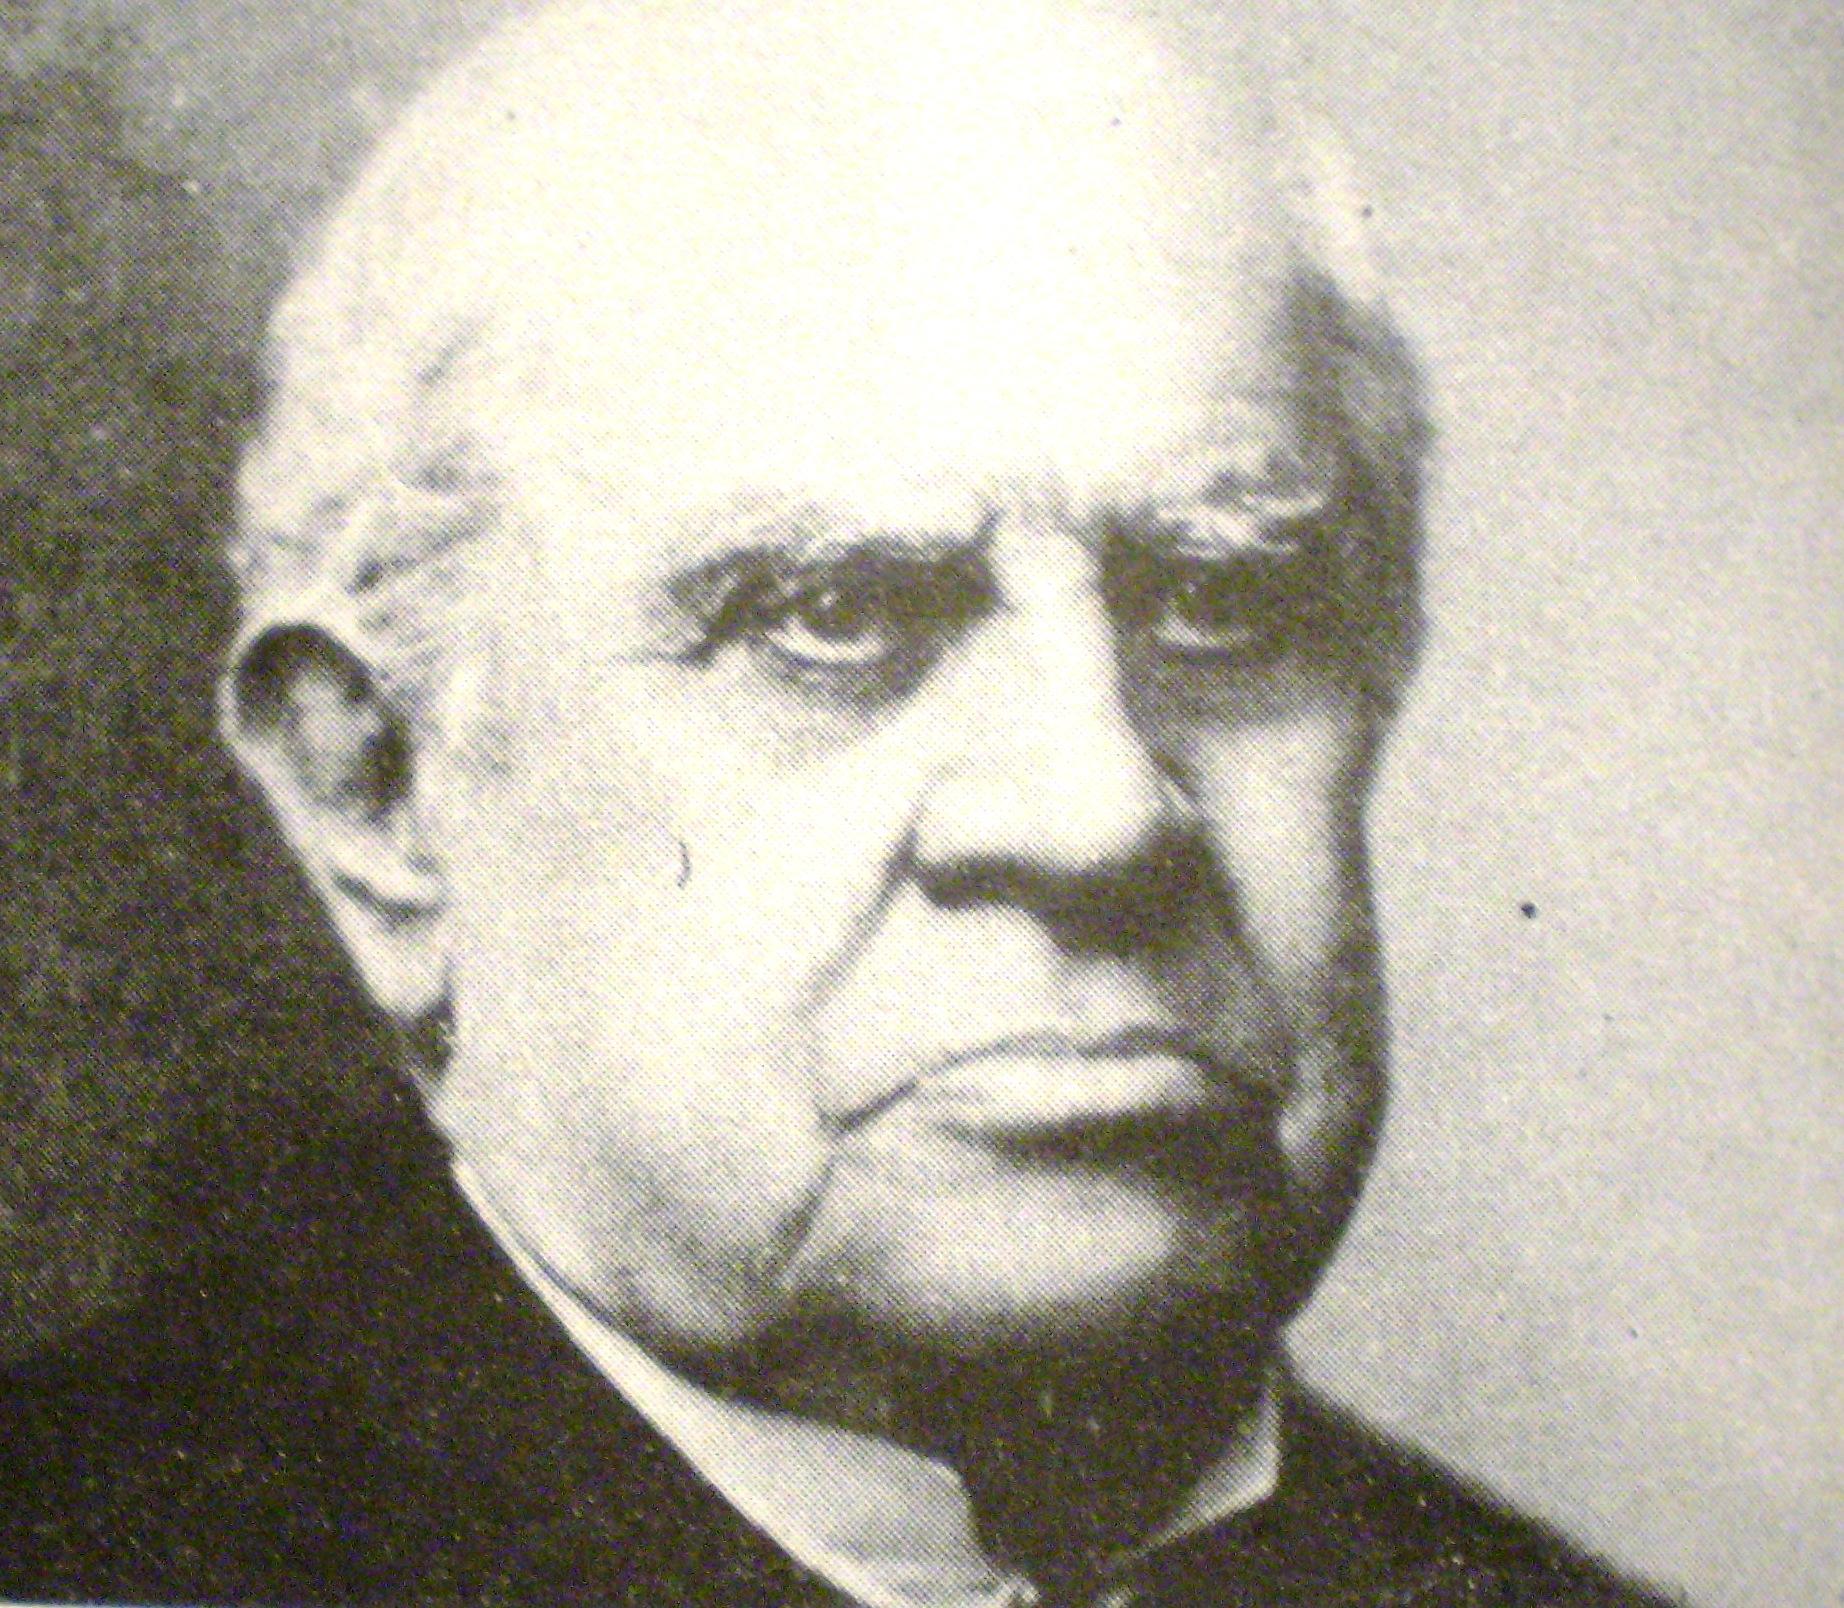 Domingo Faustino Sarmiento (15 de febrero de 1...